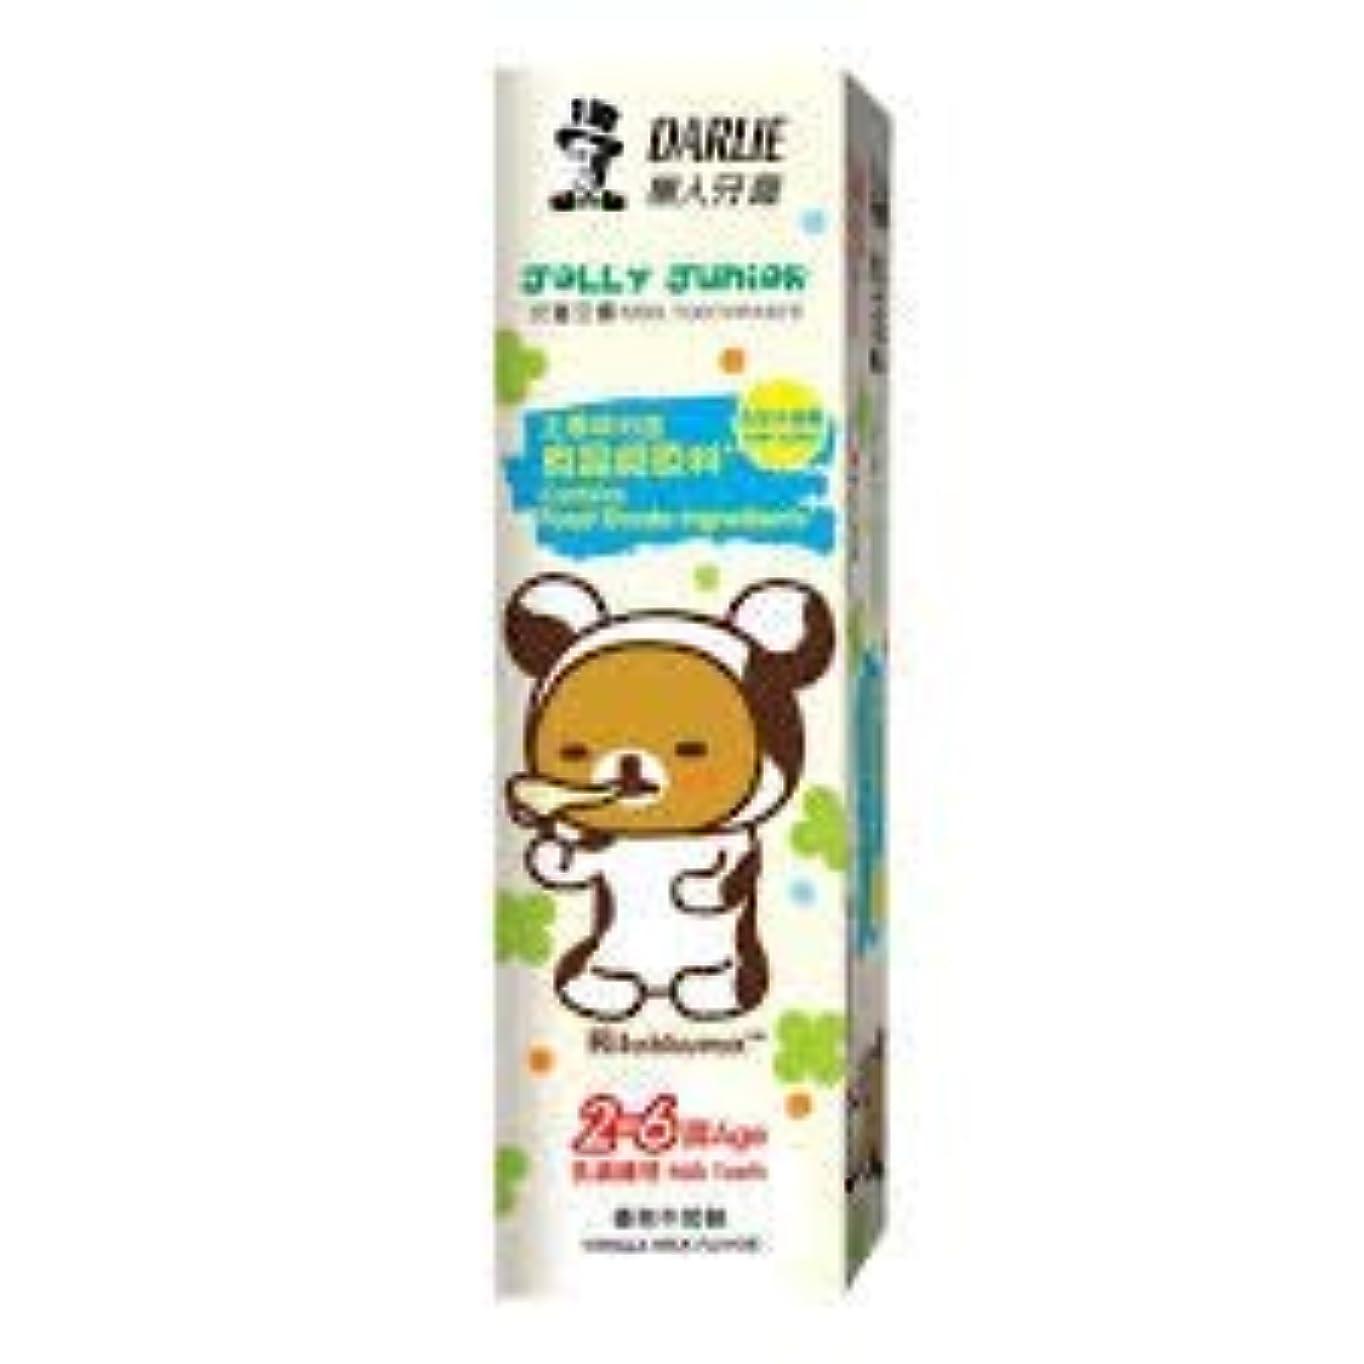 物理アクロバット染料DARLIE ハッピーティーンエイジャーの歯磨き粉2-6歳歯磨き粉60グラムバニラミルクは - 虫歯を防ぐためにキシリトールを含む、ミルクの歯と準備して子供たちに仕出し料理されます